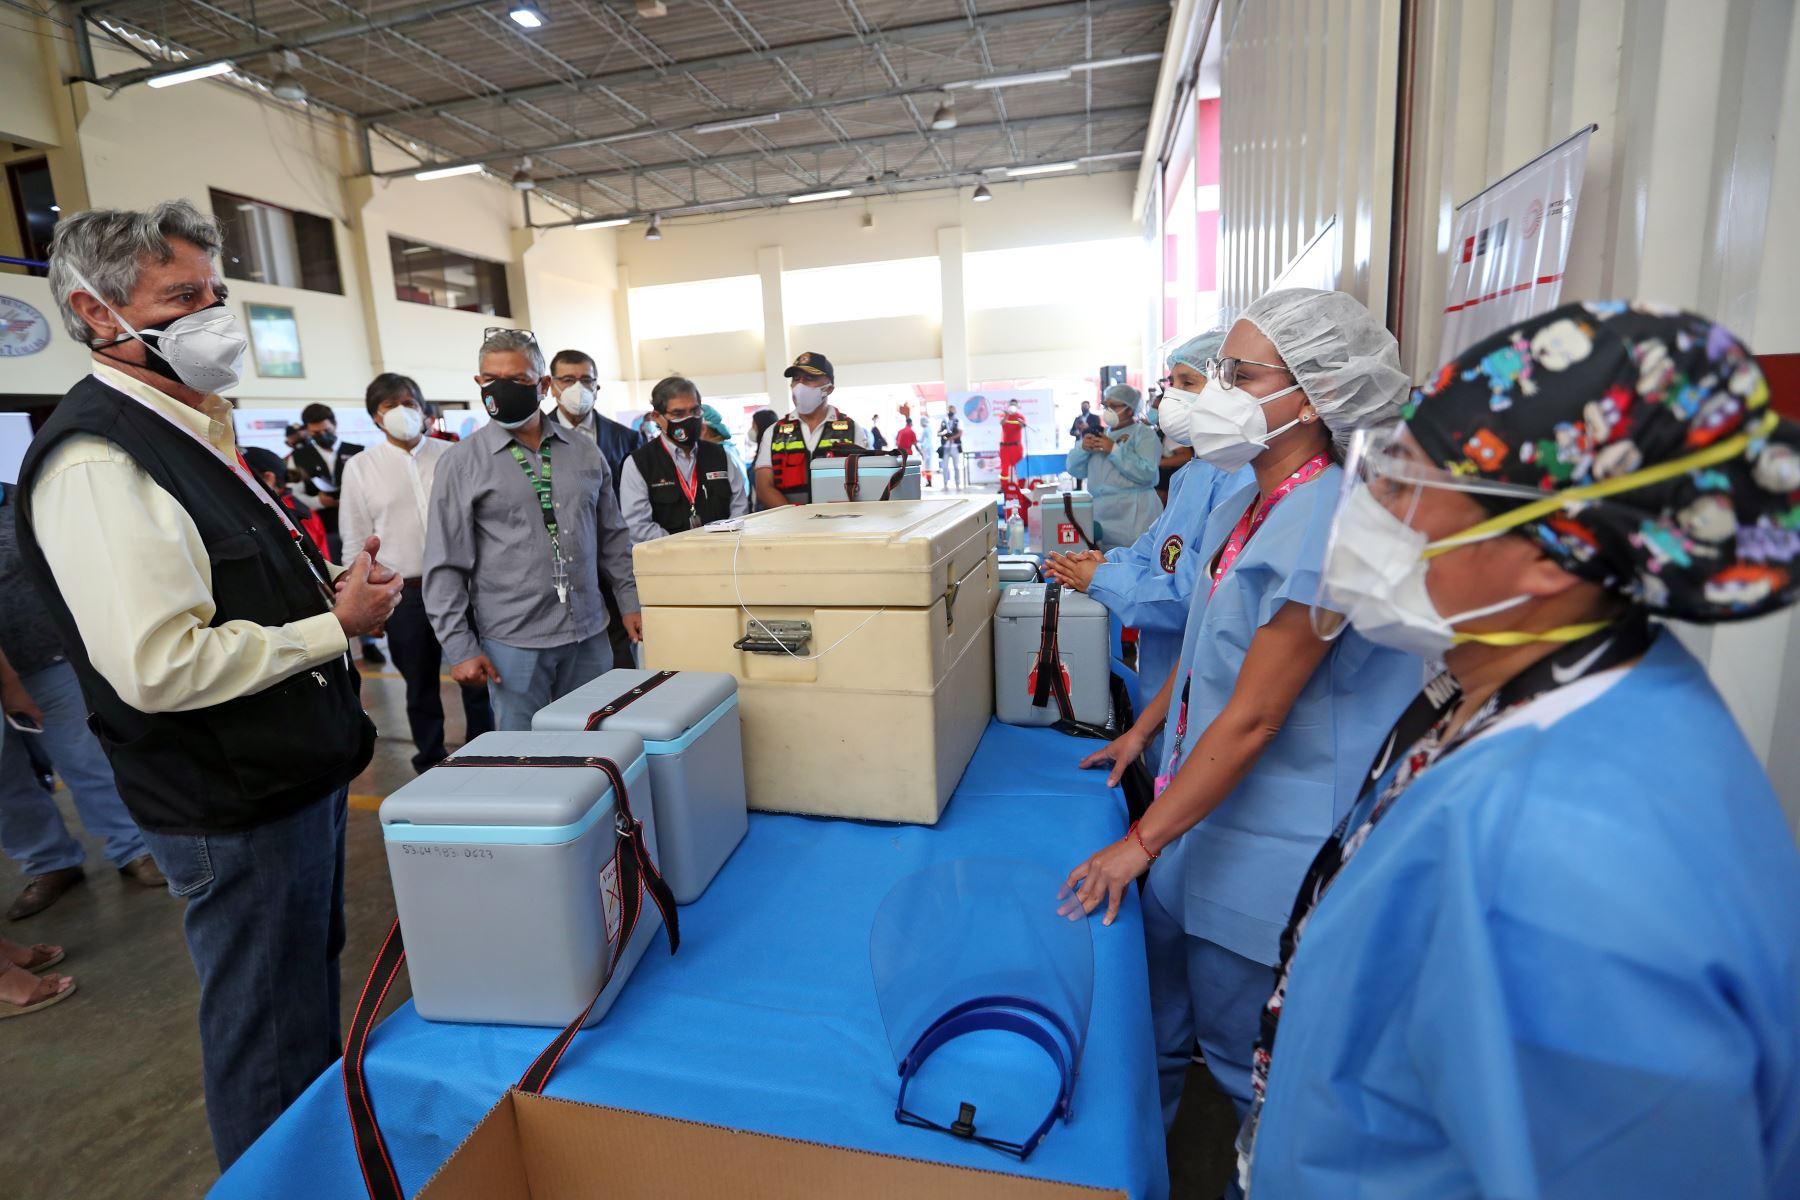 El presidente de la Republica,  Francisco Sagasti, junto con los titulares del Minsa y Mininter, supervisan el inicio del proceso de vacunación contra la covid-19 a los integrantes del Cuerpo General de Bomberos Voluntarios del Perú. Foto: ANDINA/Prensa Presidencia